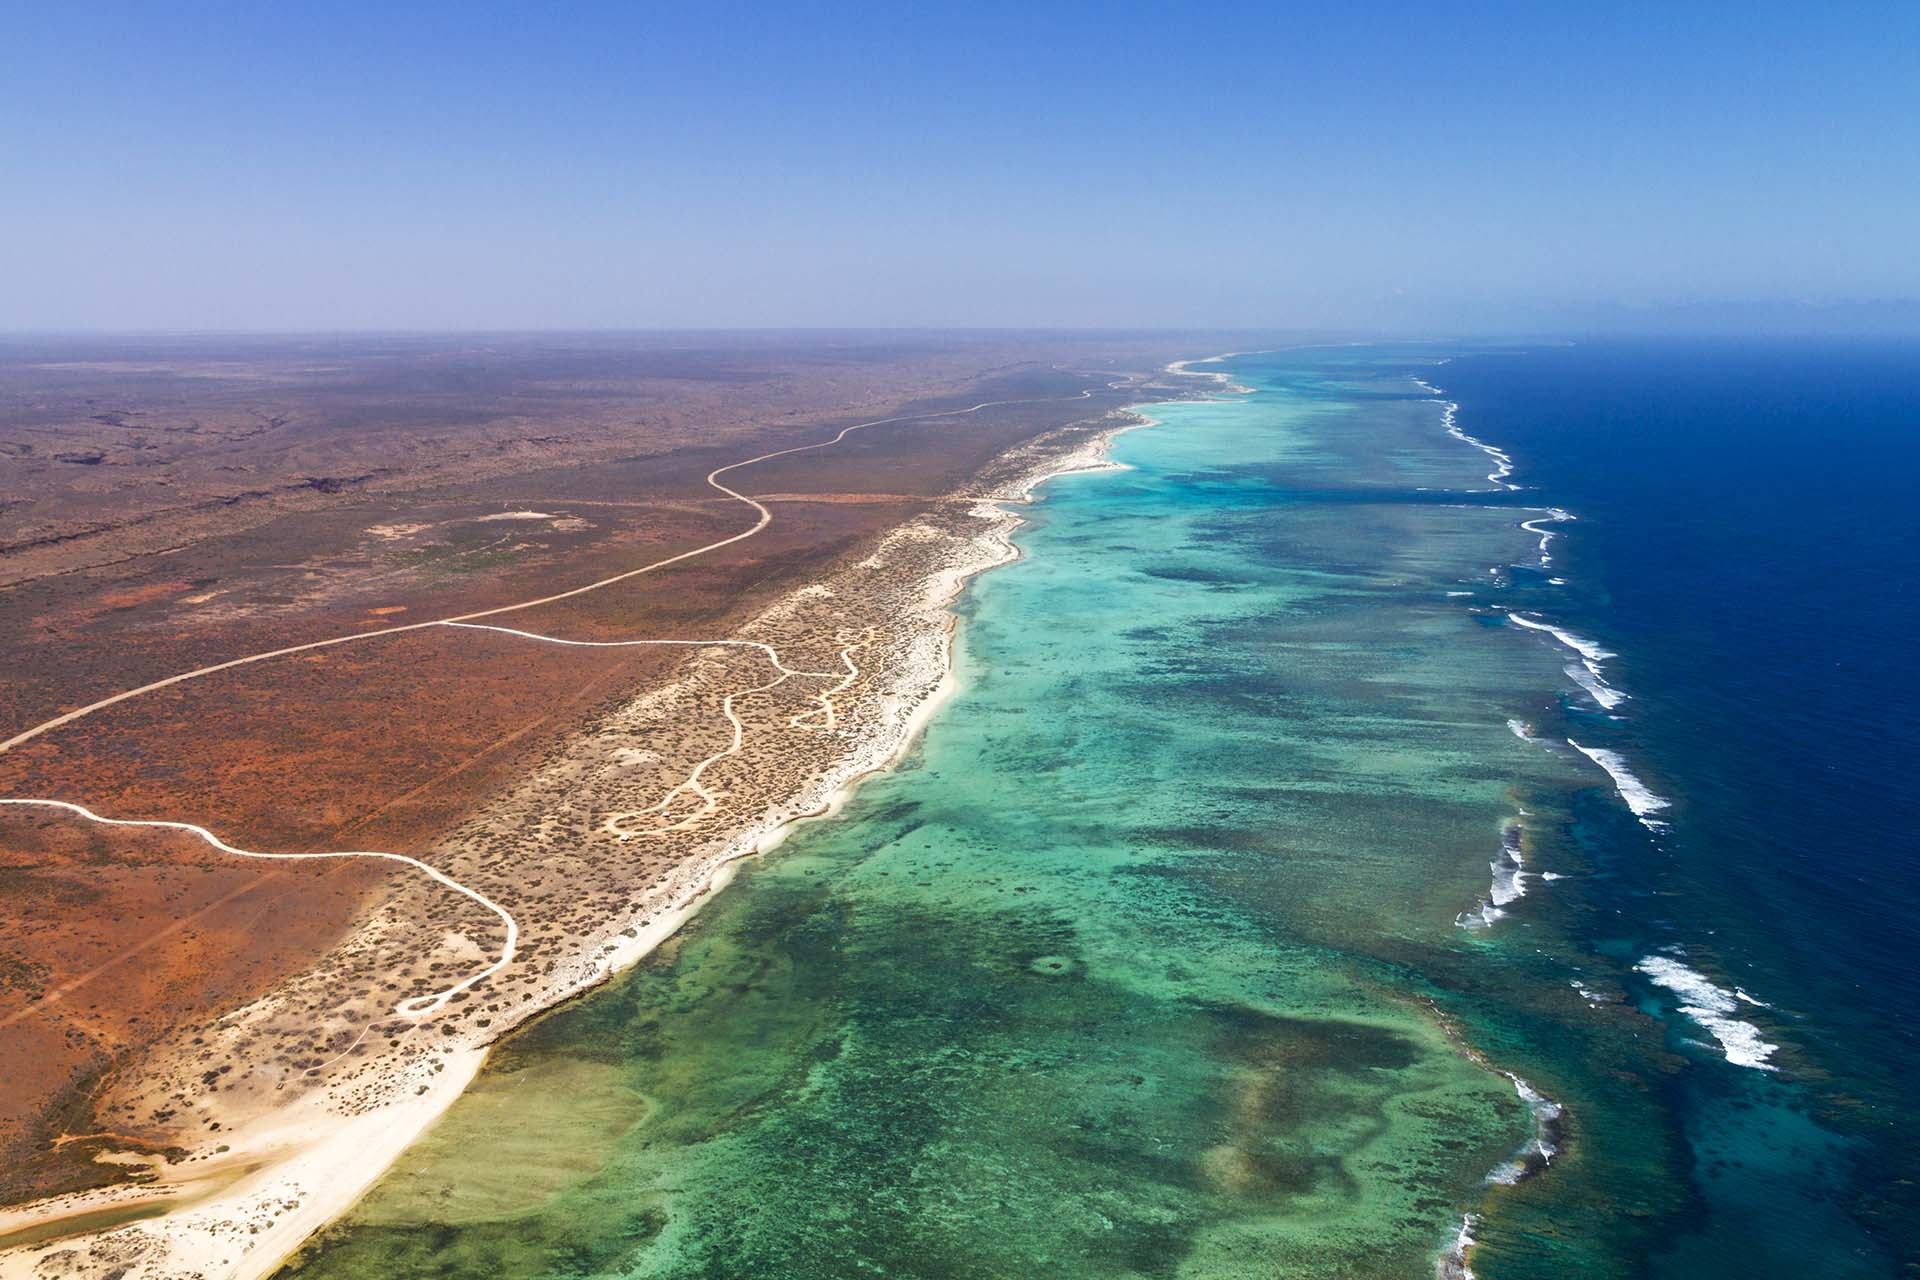 El arrecife de franjas más grande de Australia se combina con la hermosa ciudad costera de Exmouth y el Parque Nacional Cape Range, para bucear, pasear en bote y hacer caminatas